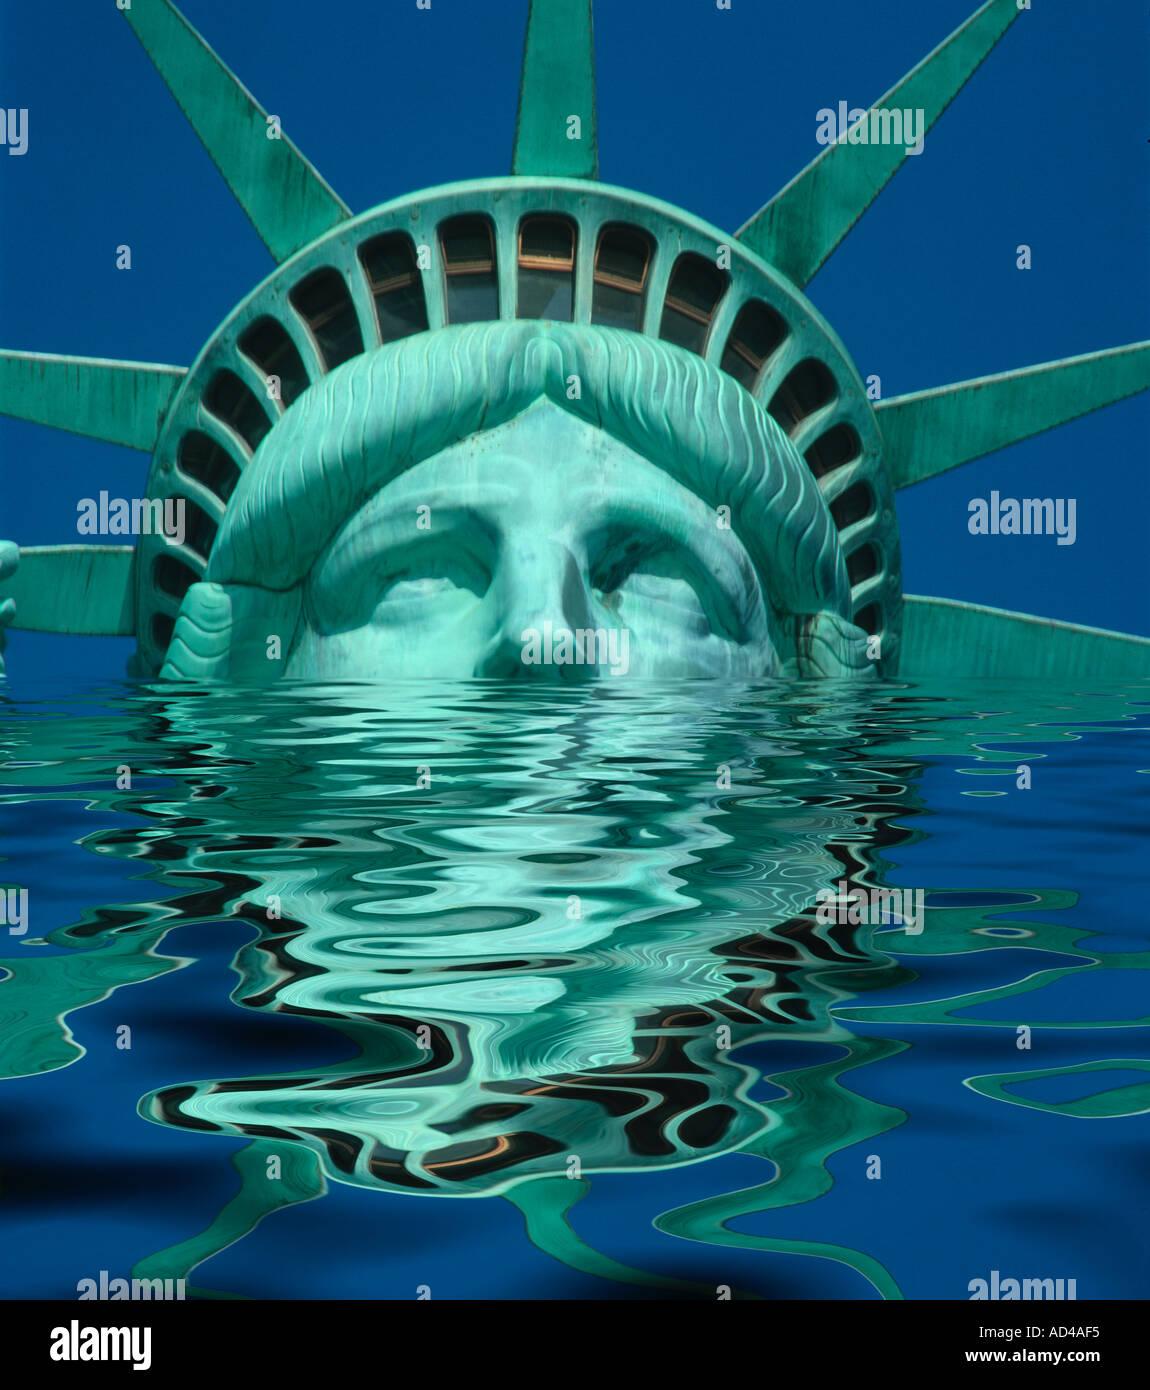 Imagen concepto abstracto de la Estatua de la libertad se vea inundada de USA Imagen De Stock